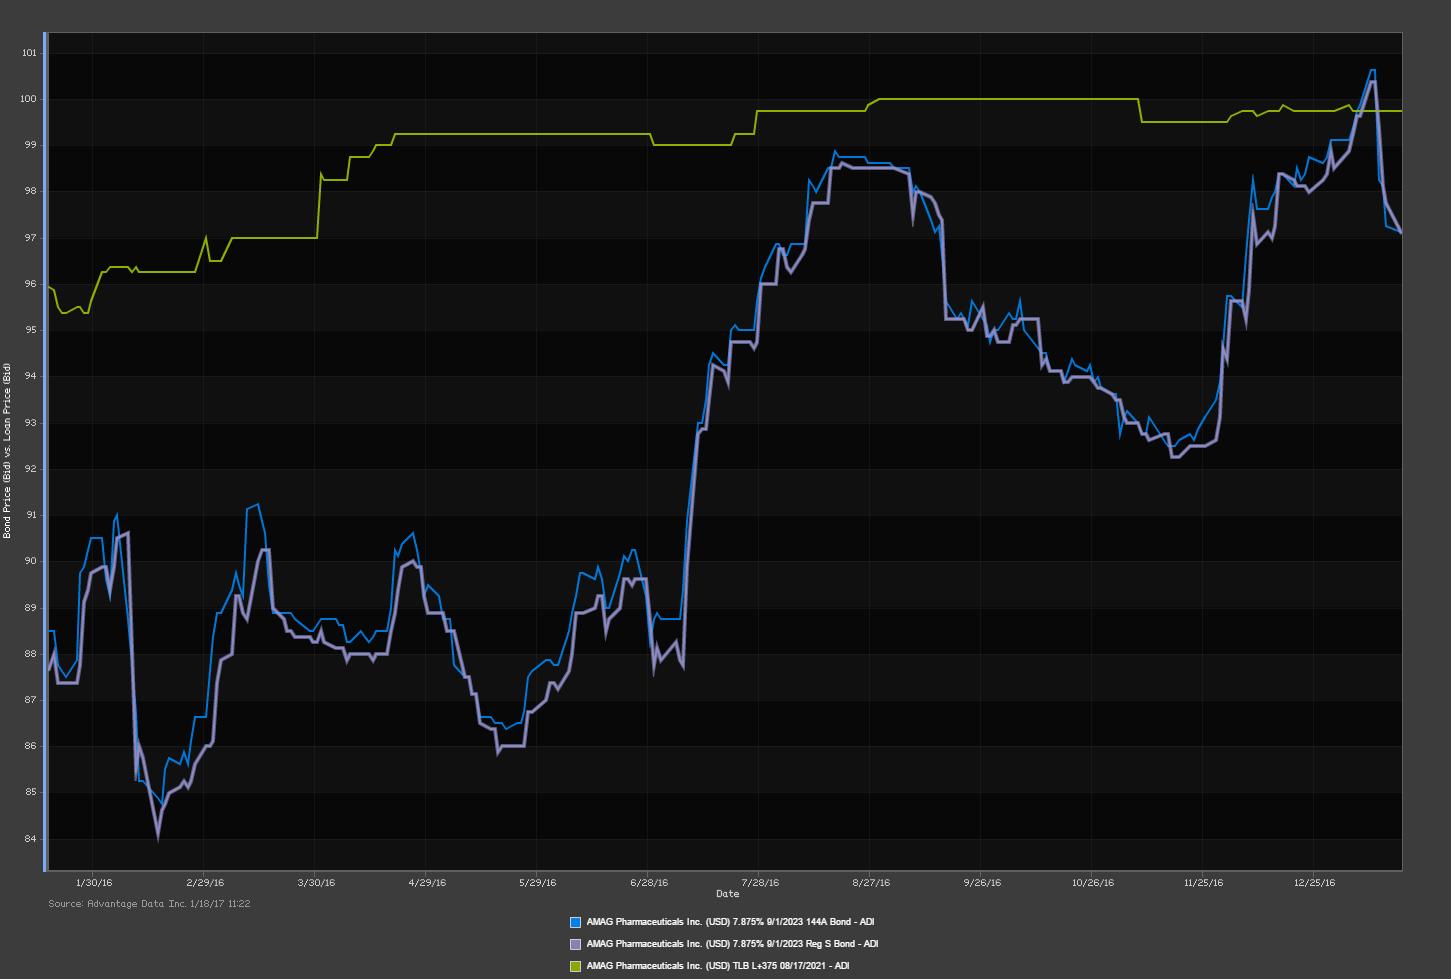 AMAG Chart.png